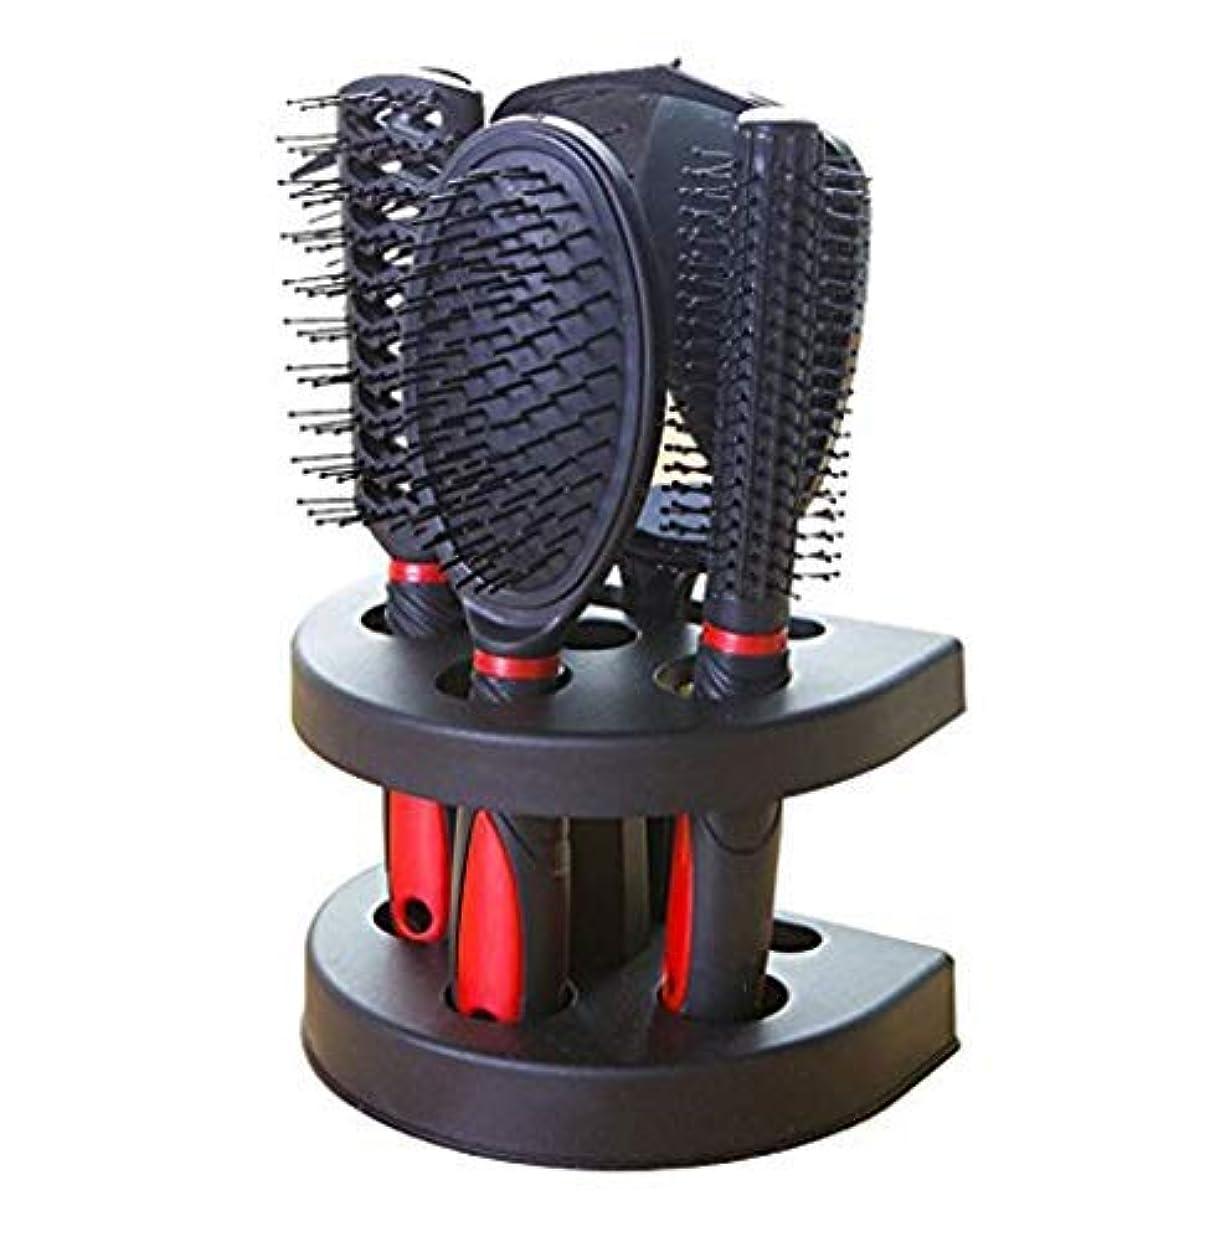 精巧な書店苗Healthcom Hairs Combs Salon Hairdressing Styling Tool Hair Cutting Brushes Sets Dressing Comb Kits,Set of 5 [並行輸入品]